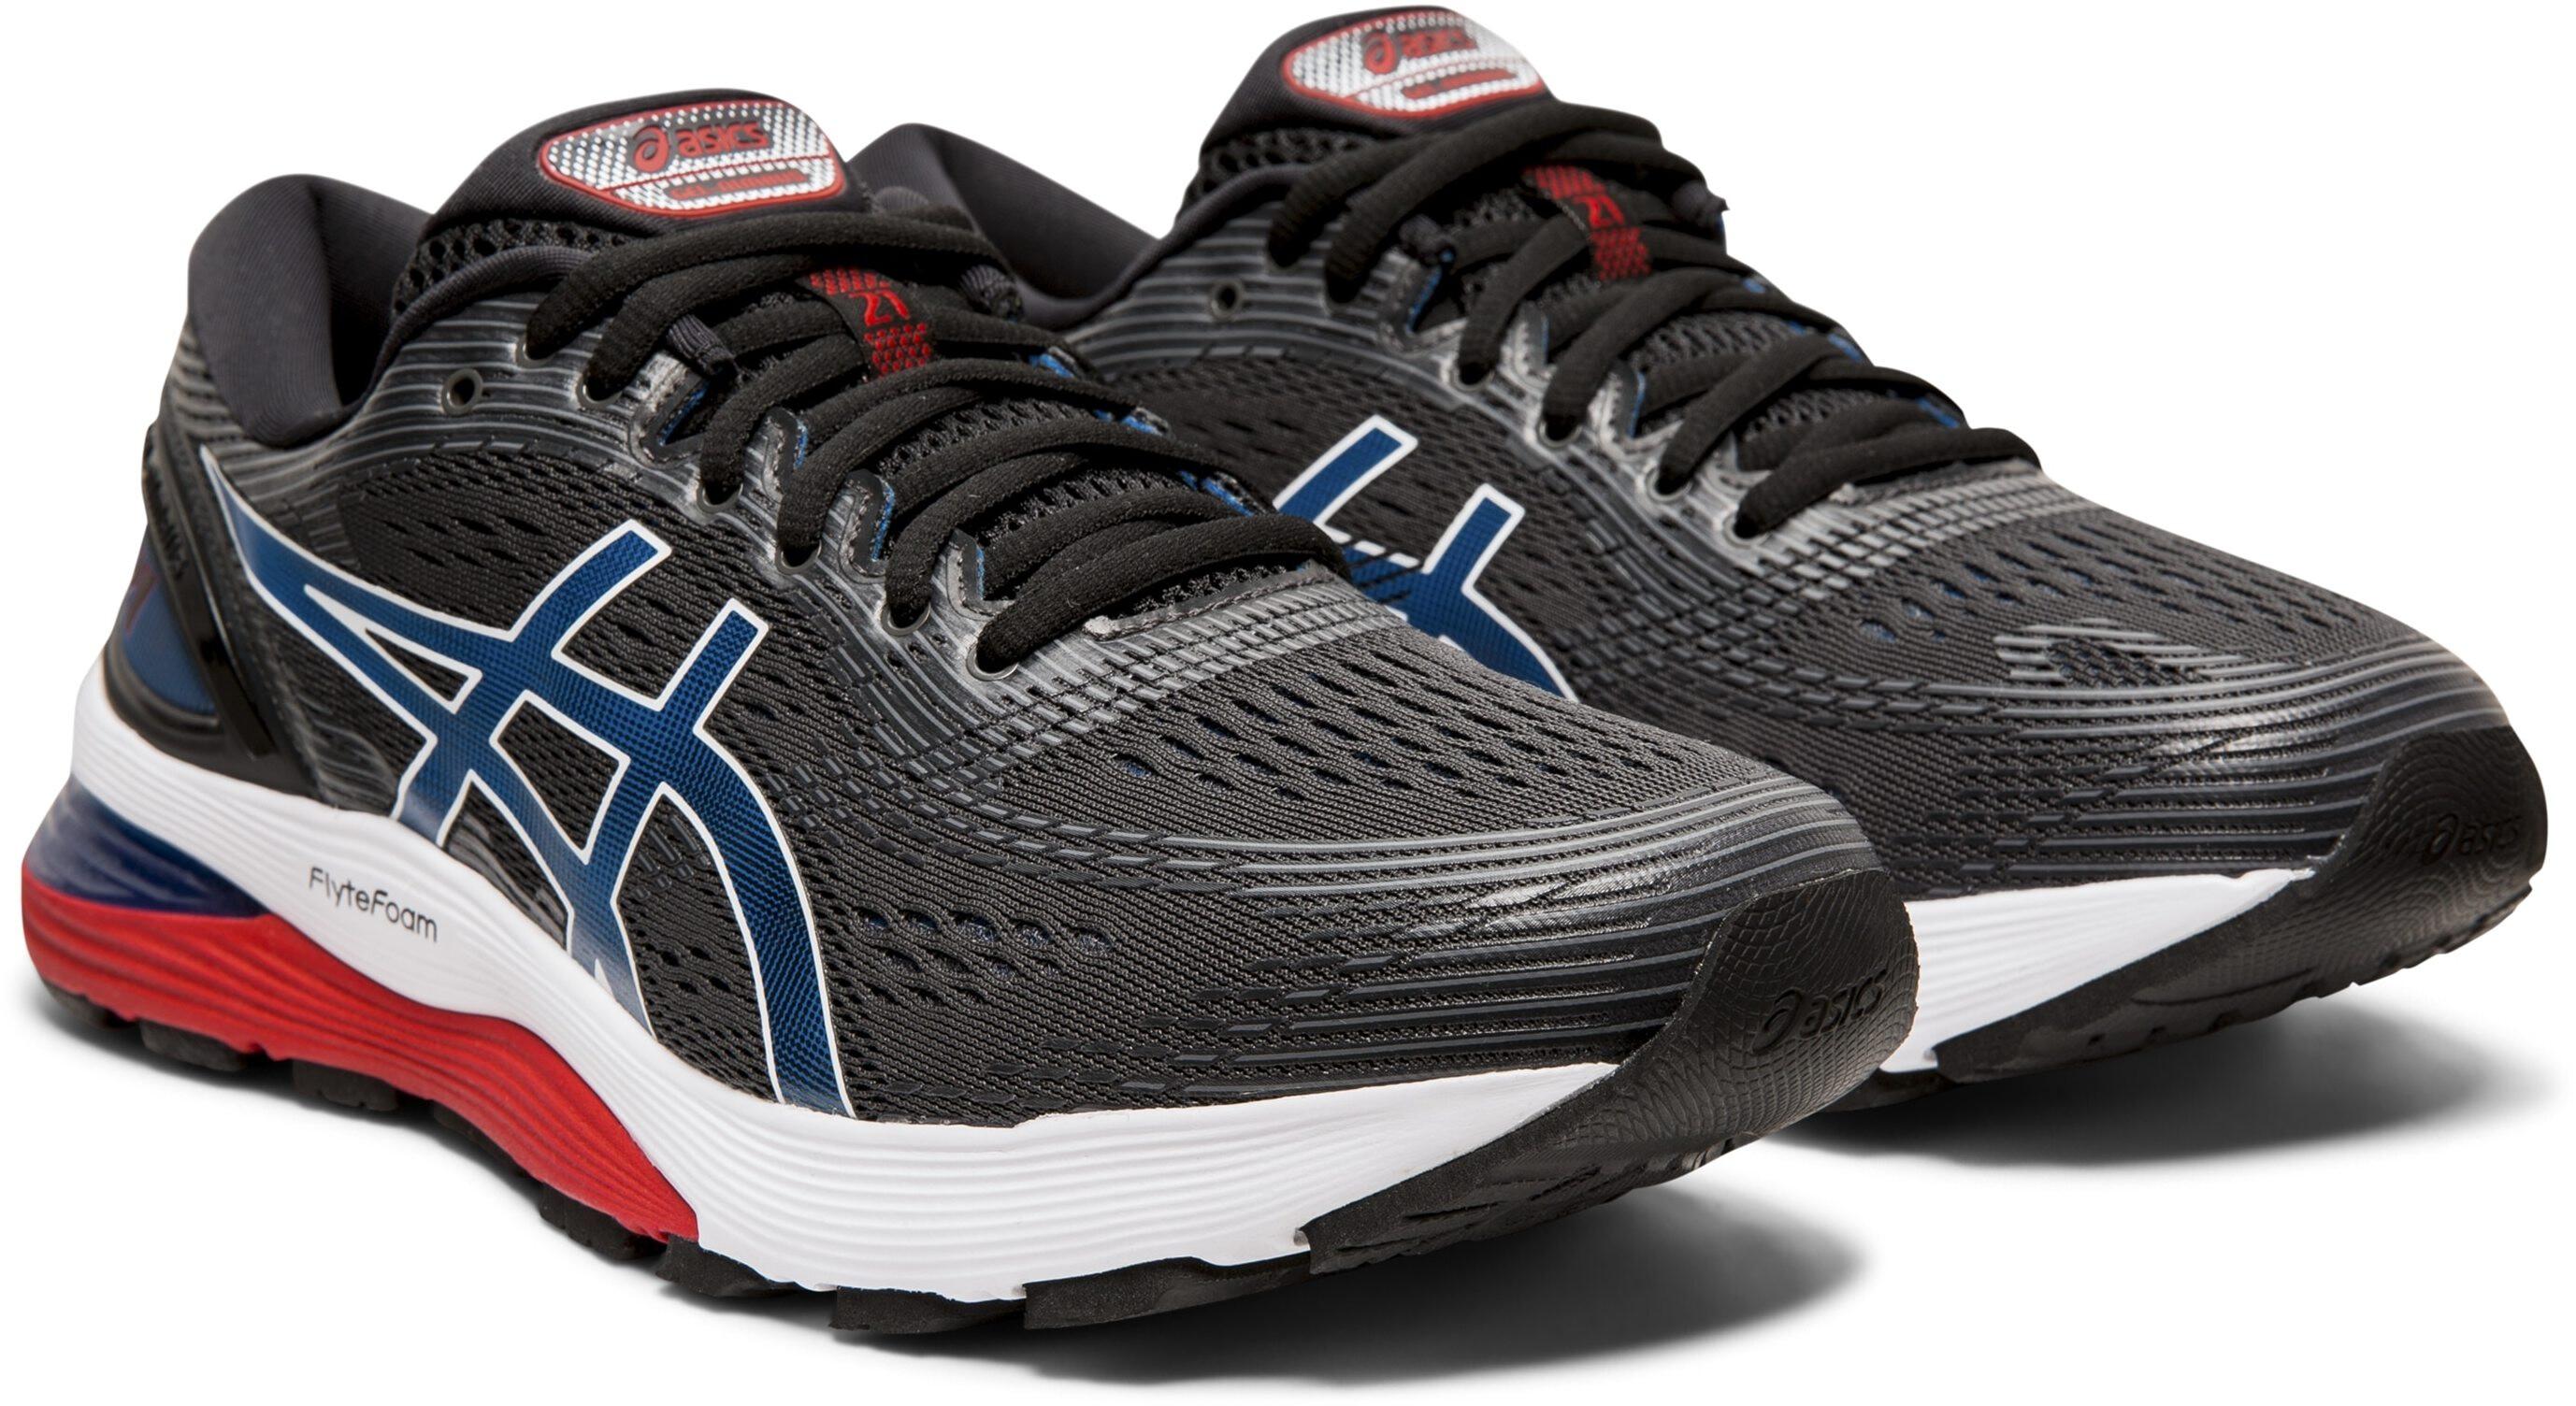 info for 7c736 794a5 asics Gel-Nimbus 21 Shoes Men black/electric blue